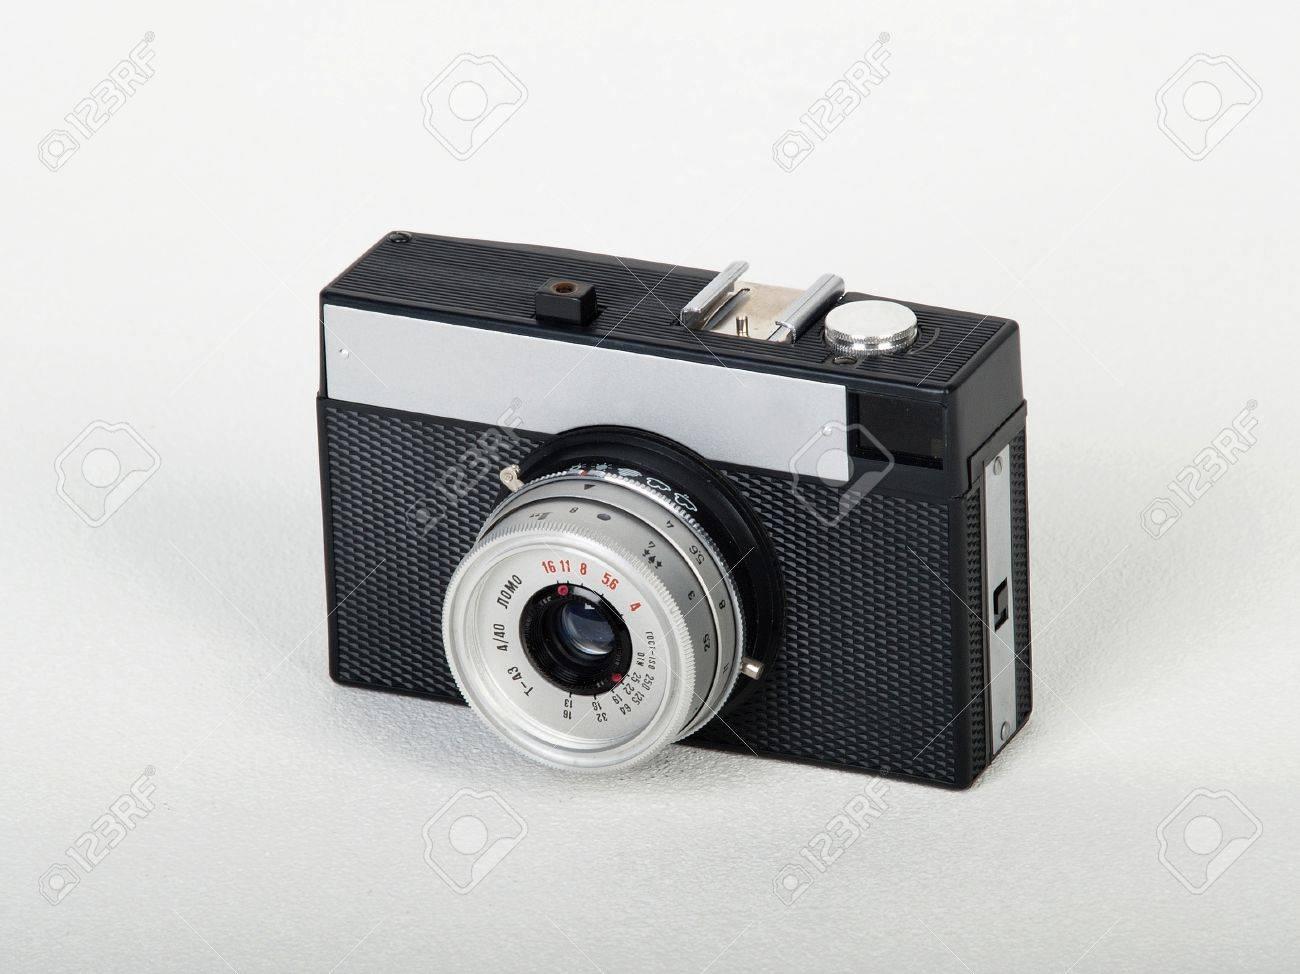 Soviet Lomo Toy Camera Isolated On White Background Stock Photo ...